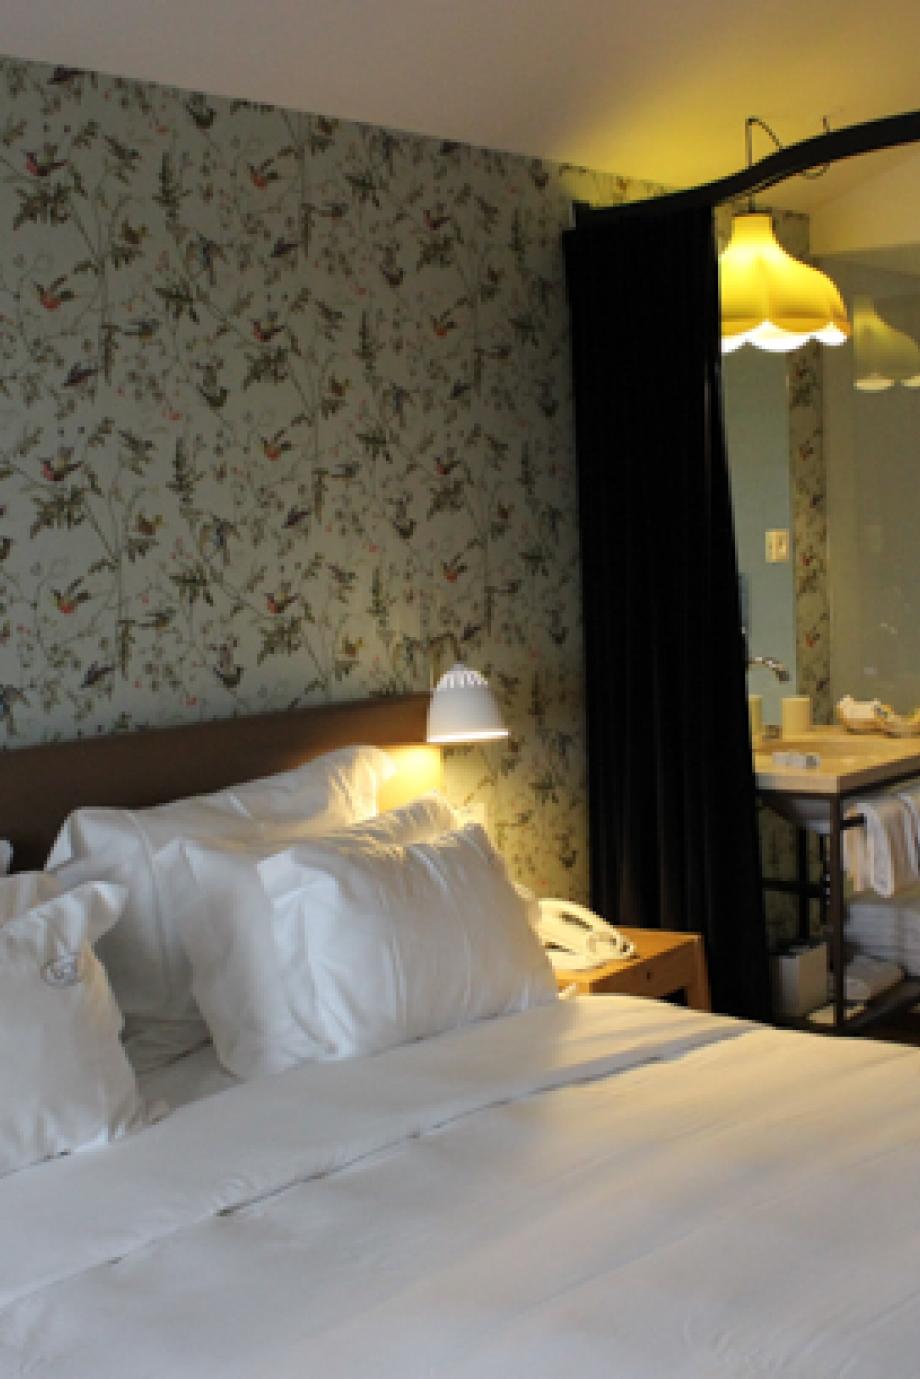 LisboaCool_Dormir_Lisboa_Carmo_Hotel